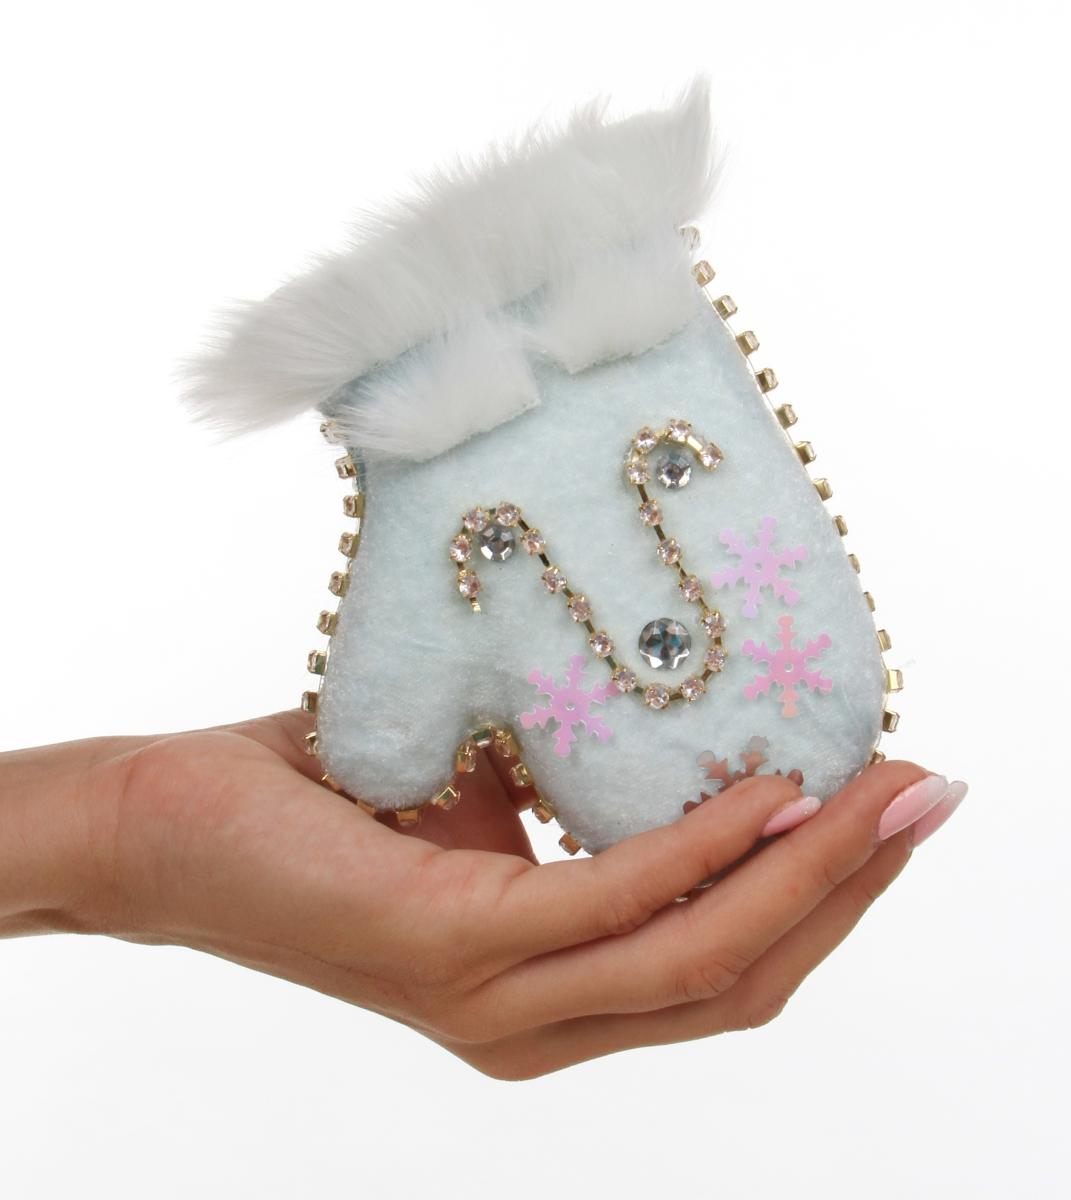 POSLEDNÍ KUSY! 14 cm velká sametová rukavice závěsná dekorace